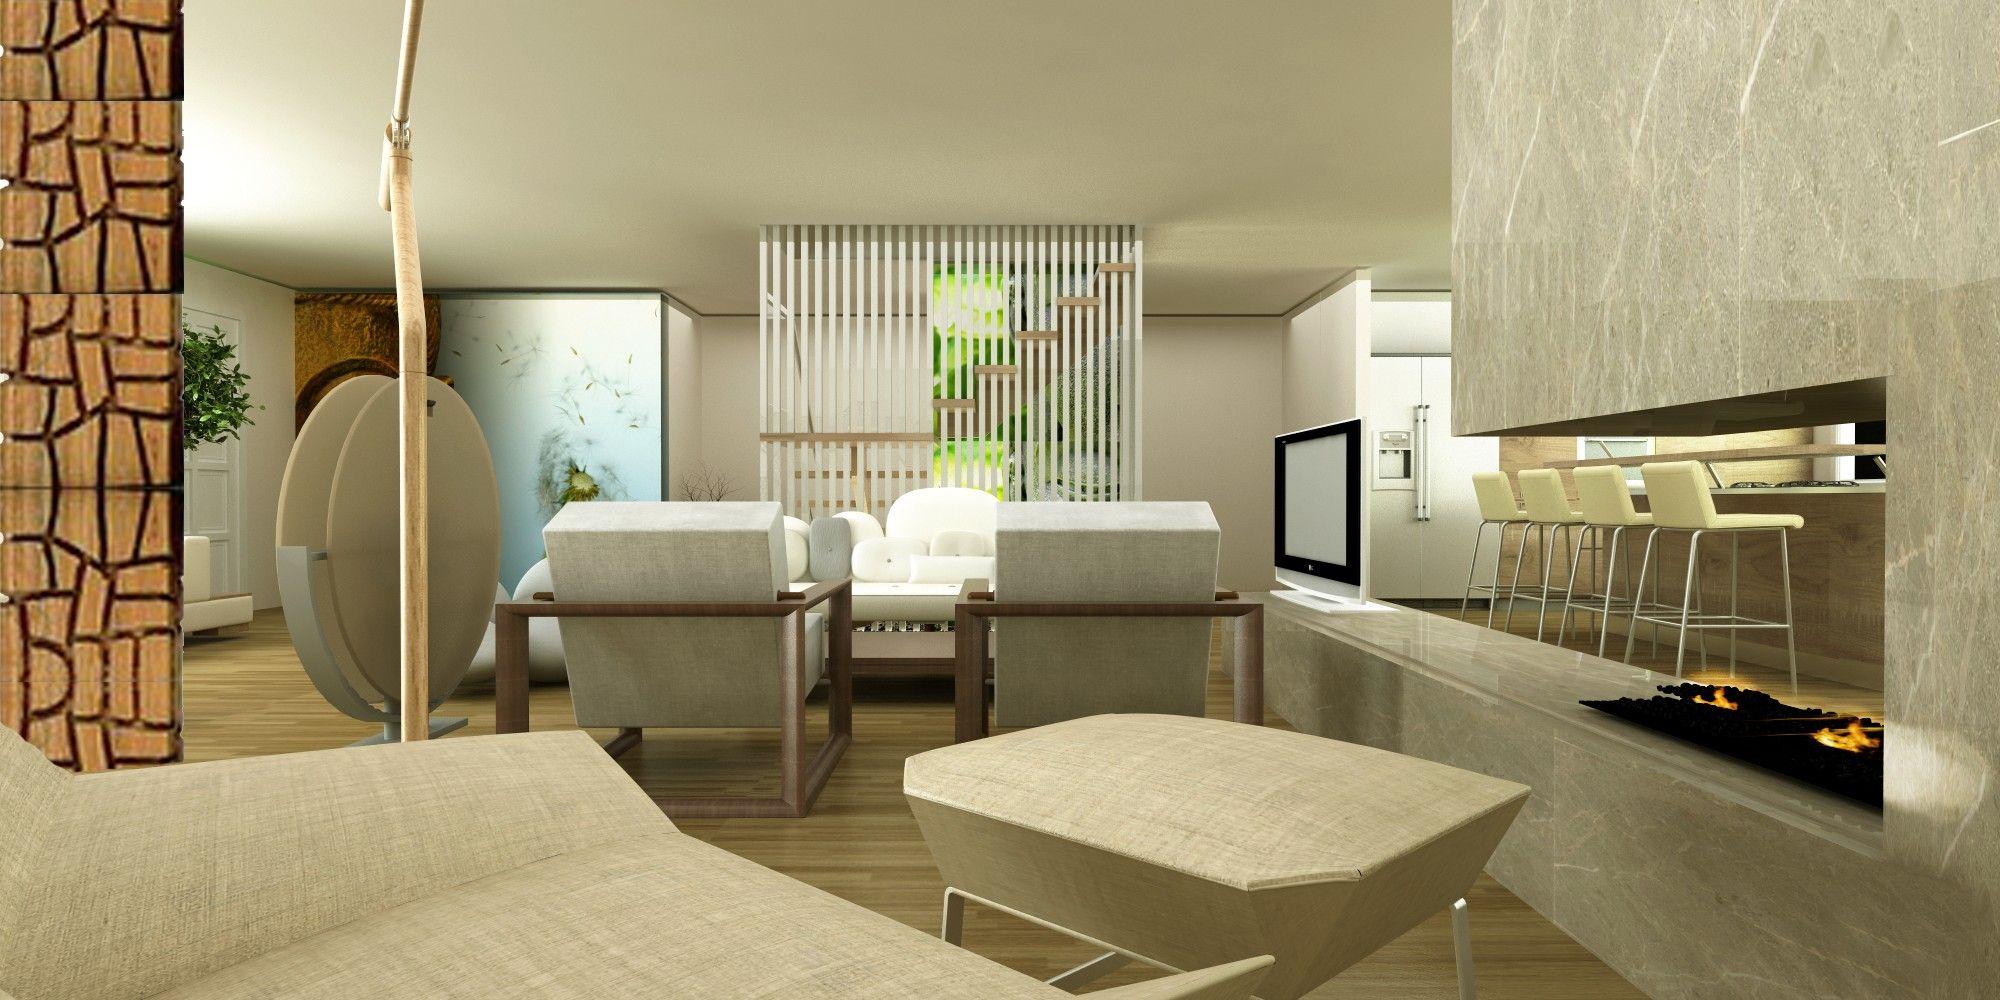 zen living room | ... living room interior ideas zen interior design ...